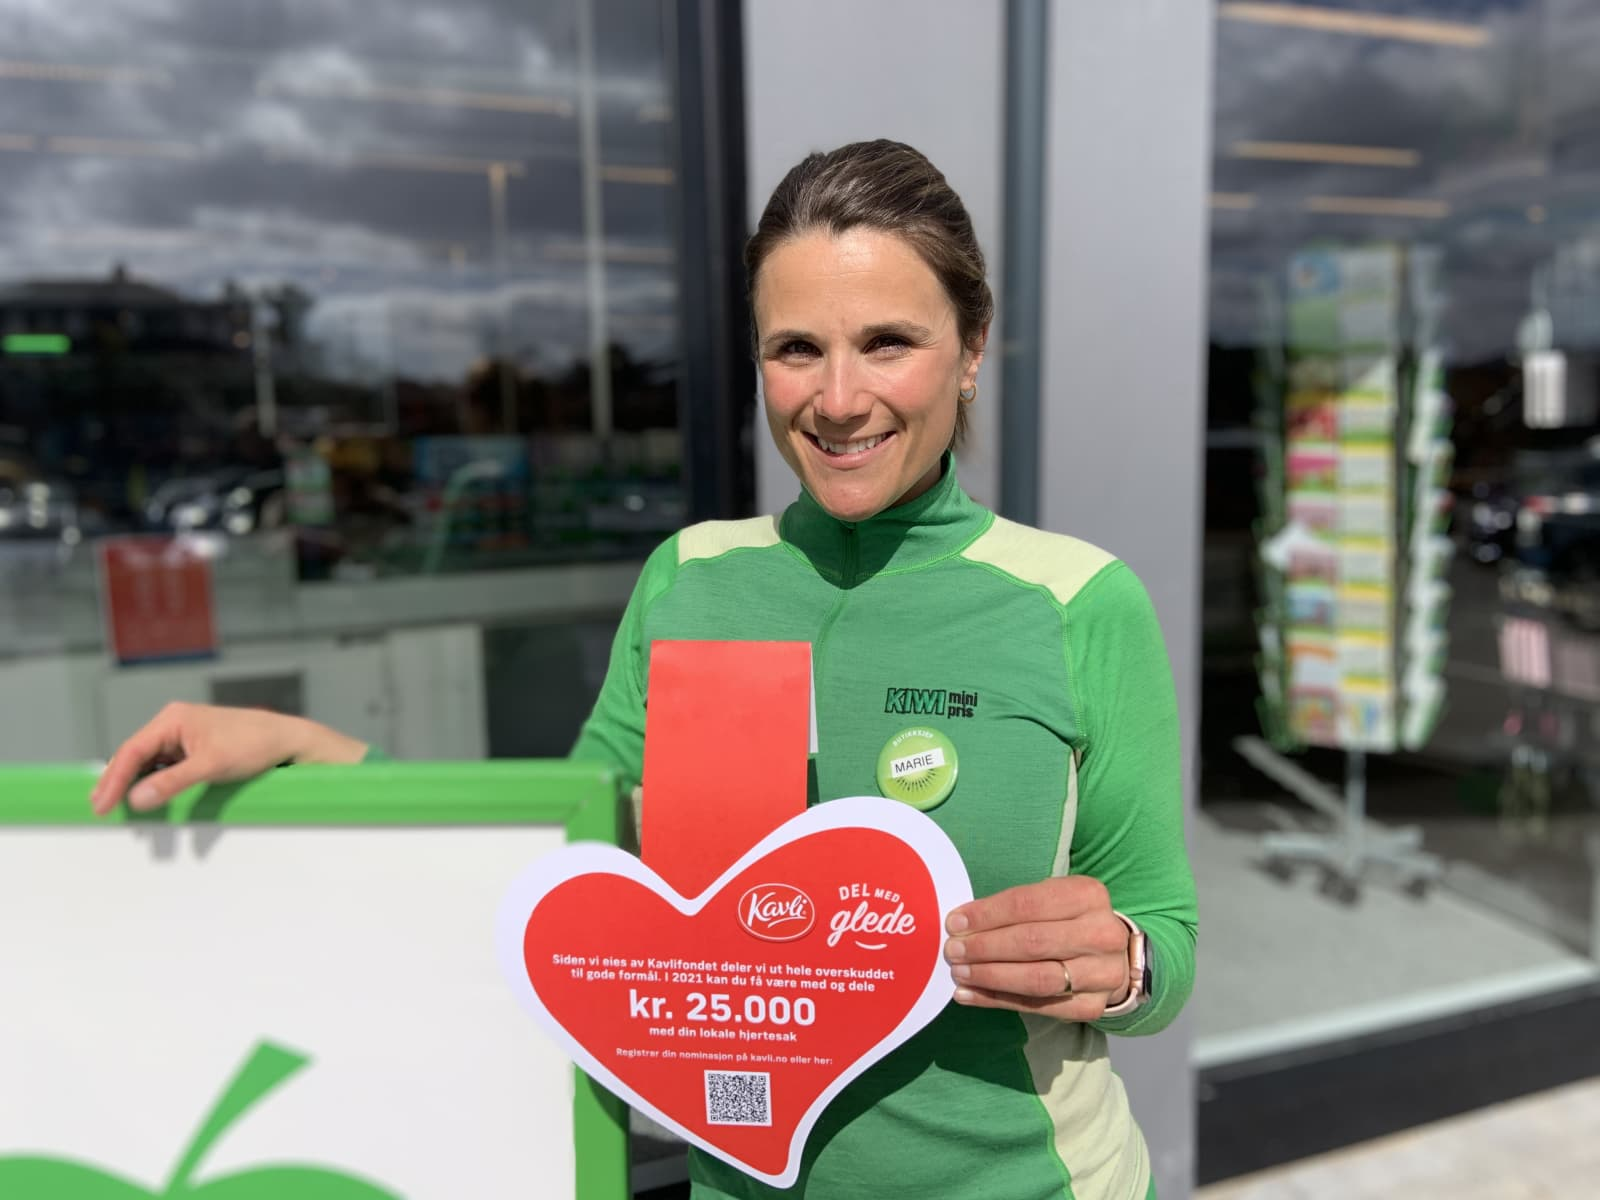 Marie Steine Madsen driver en av nesten 700 KIWI-butikker som sammen med oss i Kavli jakter på nordmenns lokale hjertesaker. Hun ser frem til å være med på å skape lokalt engasjement, og vil selve nominere lokale idrettslag.